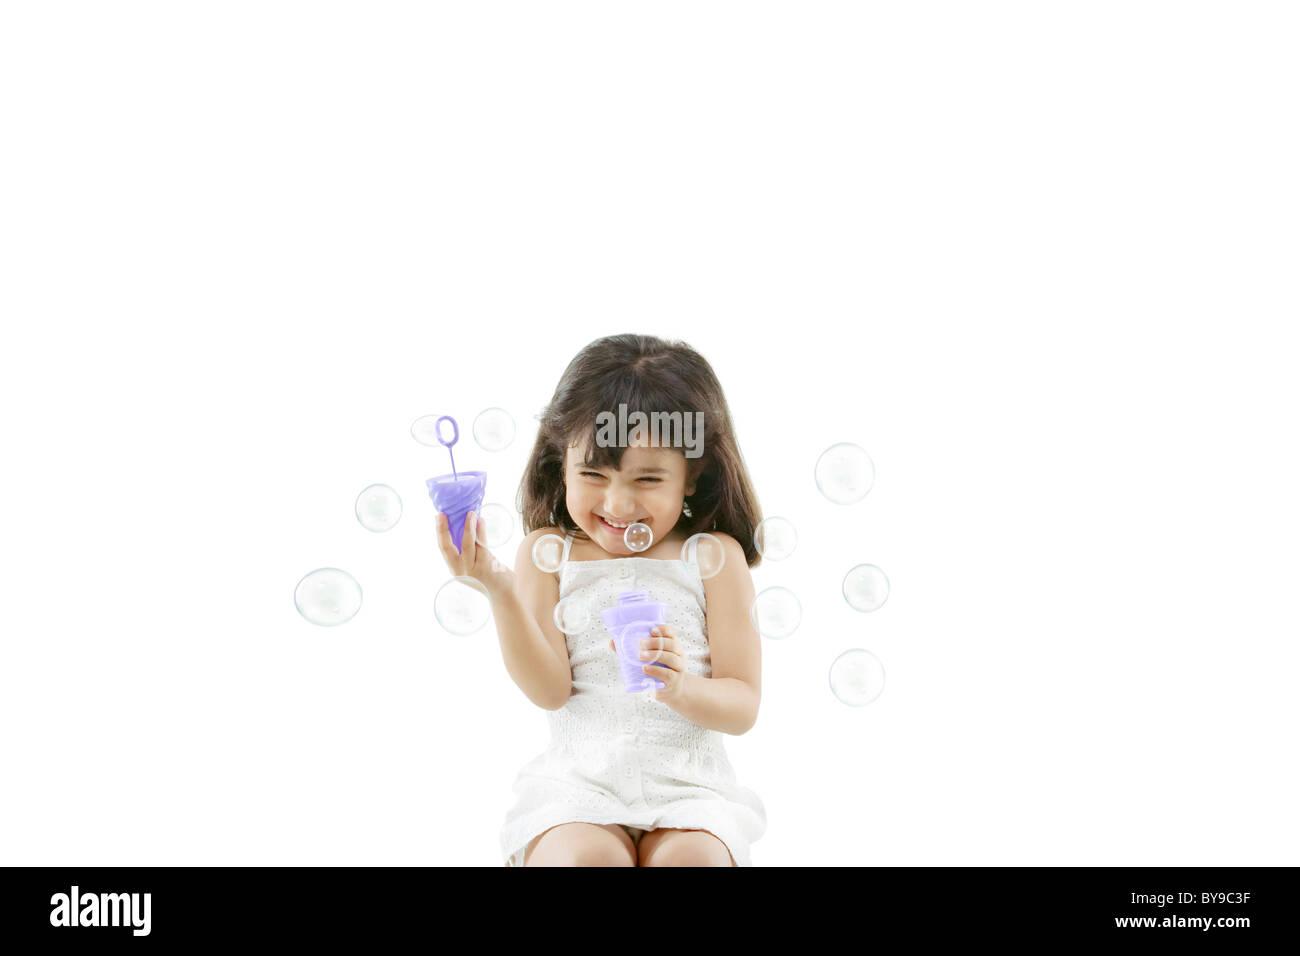 Mädchen bläst Luftblasen Stockbild